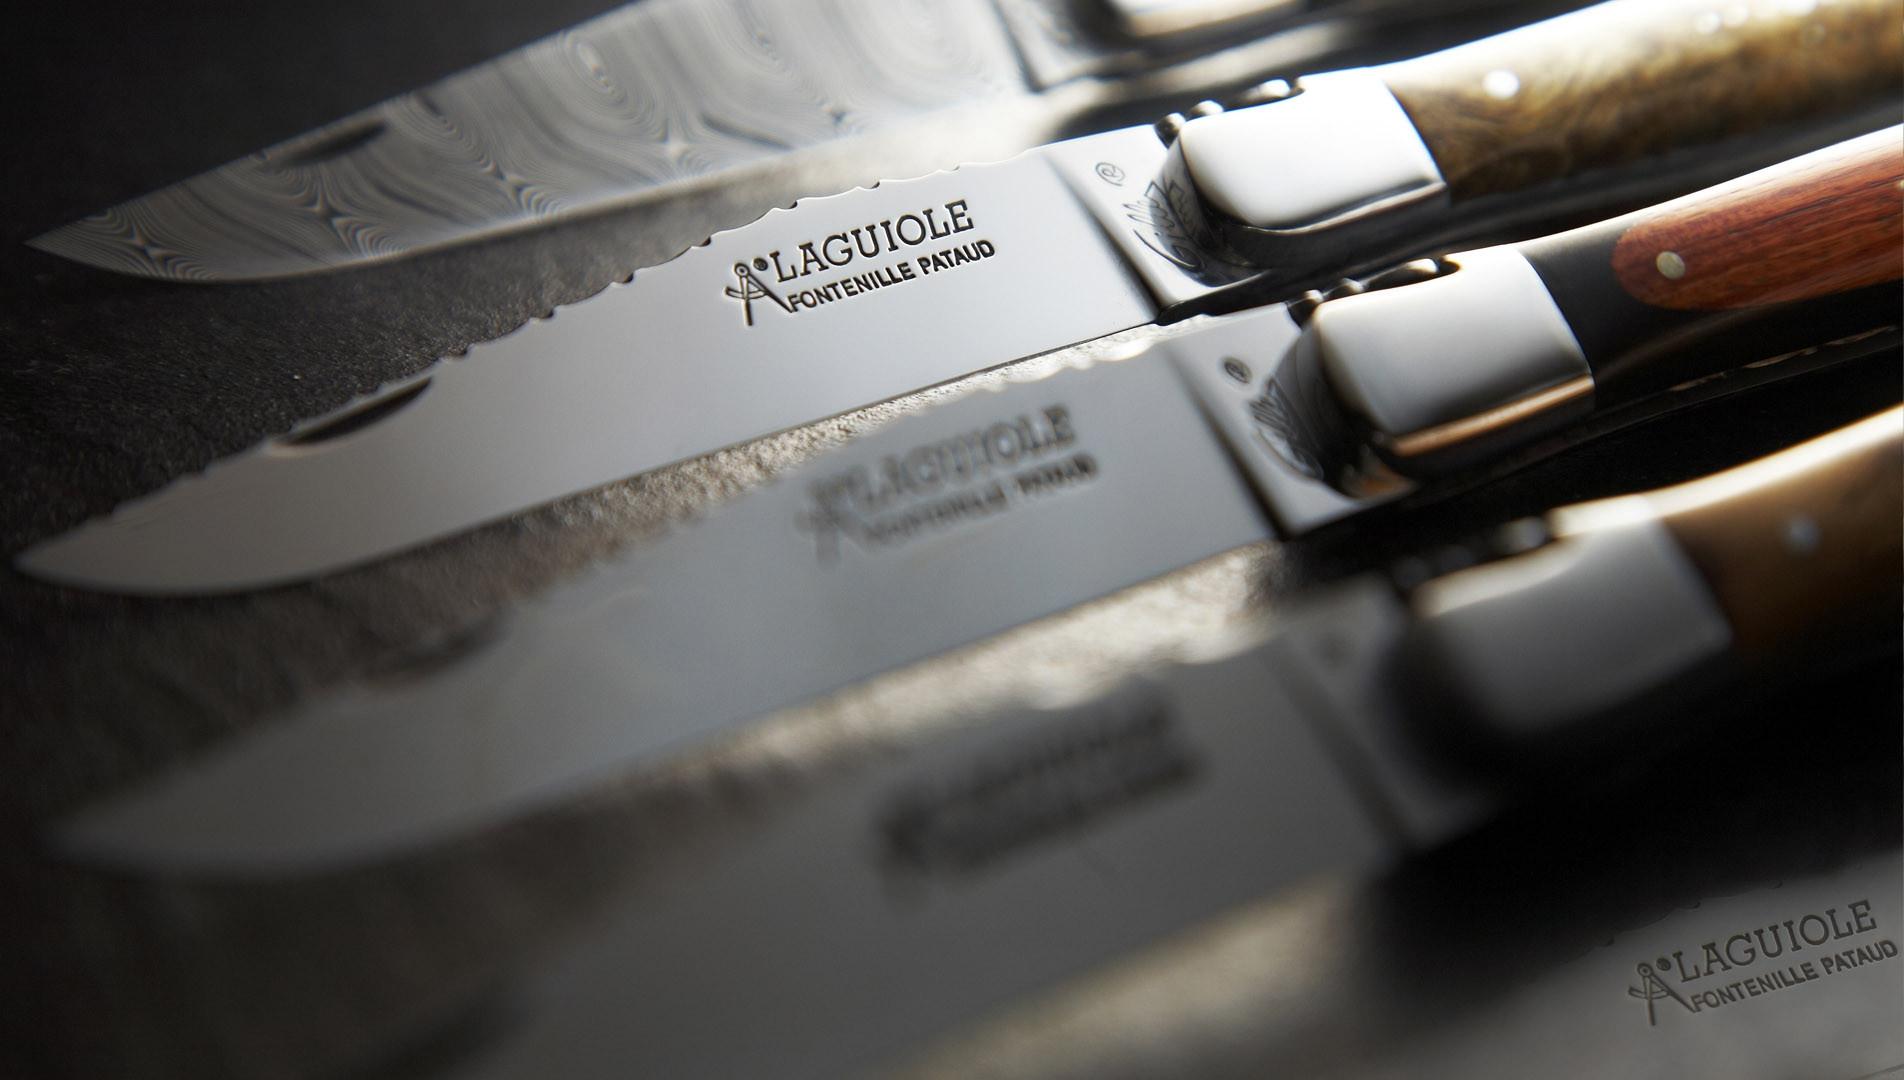 Couteaux artisanaux